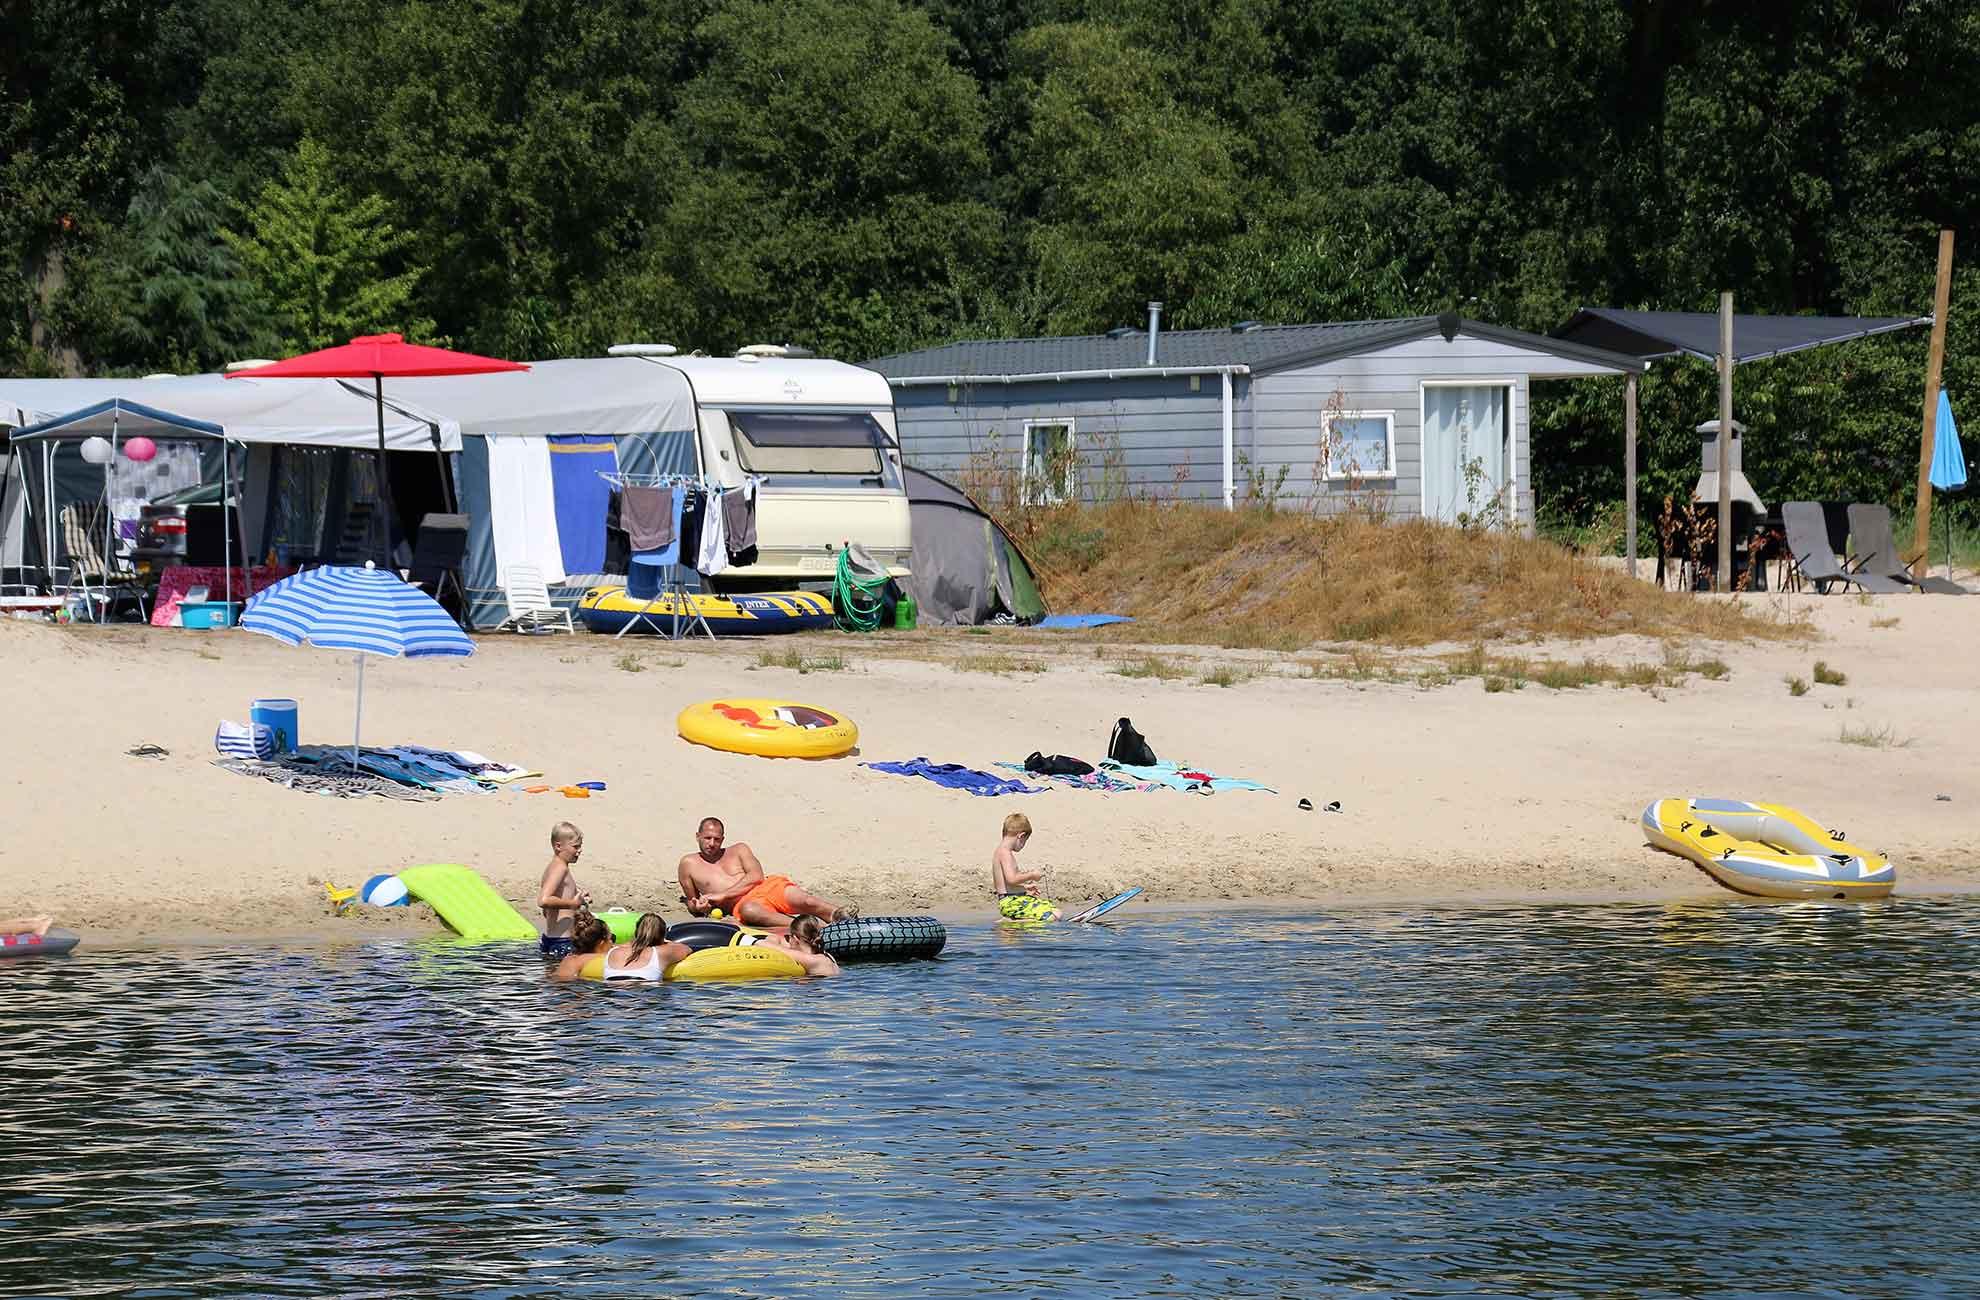 Strandurlaub an der Deutsch-Niederländischen Grenze - Strand urlaub